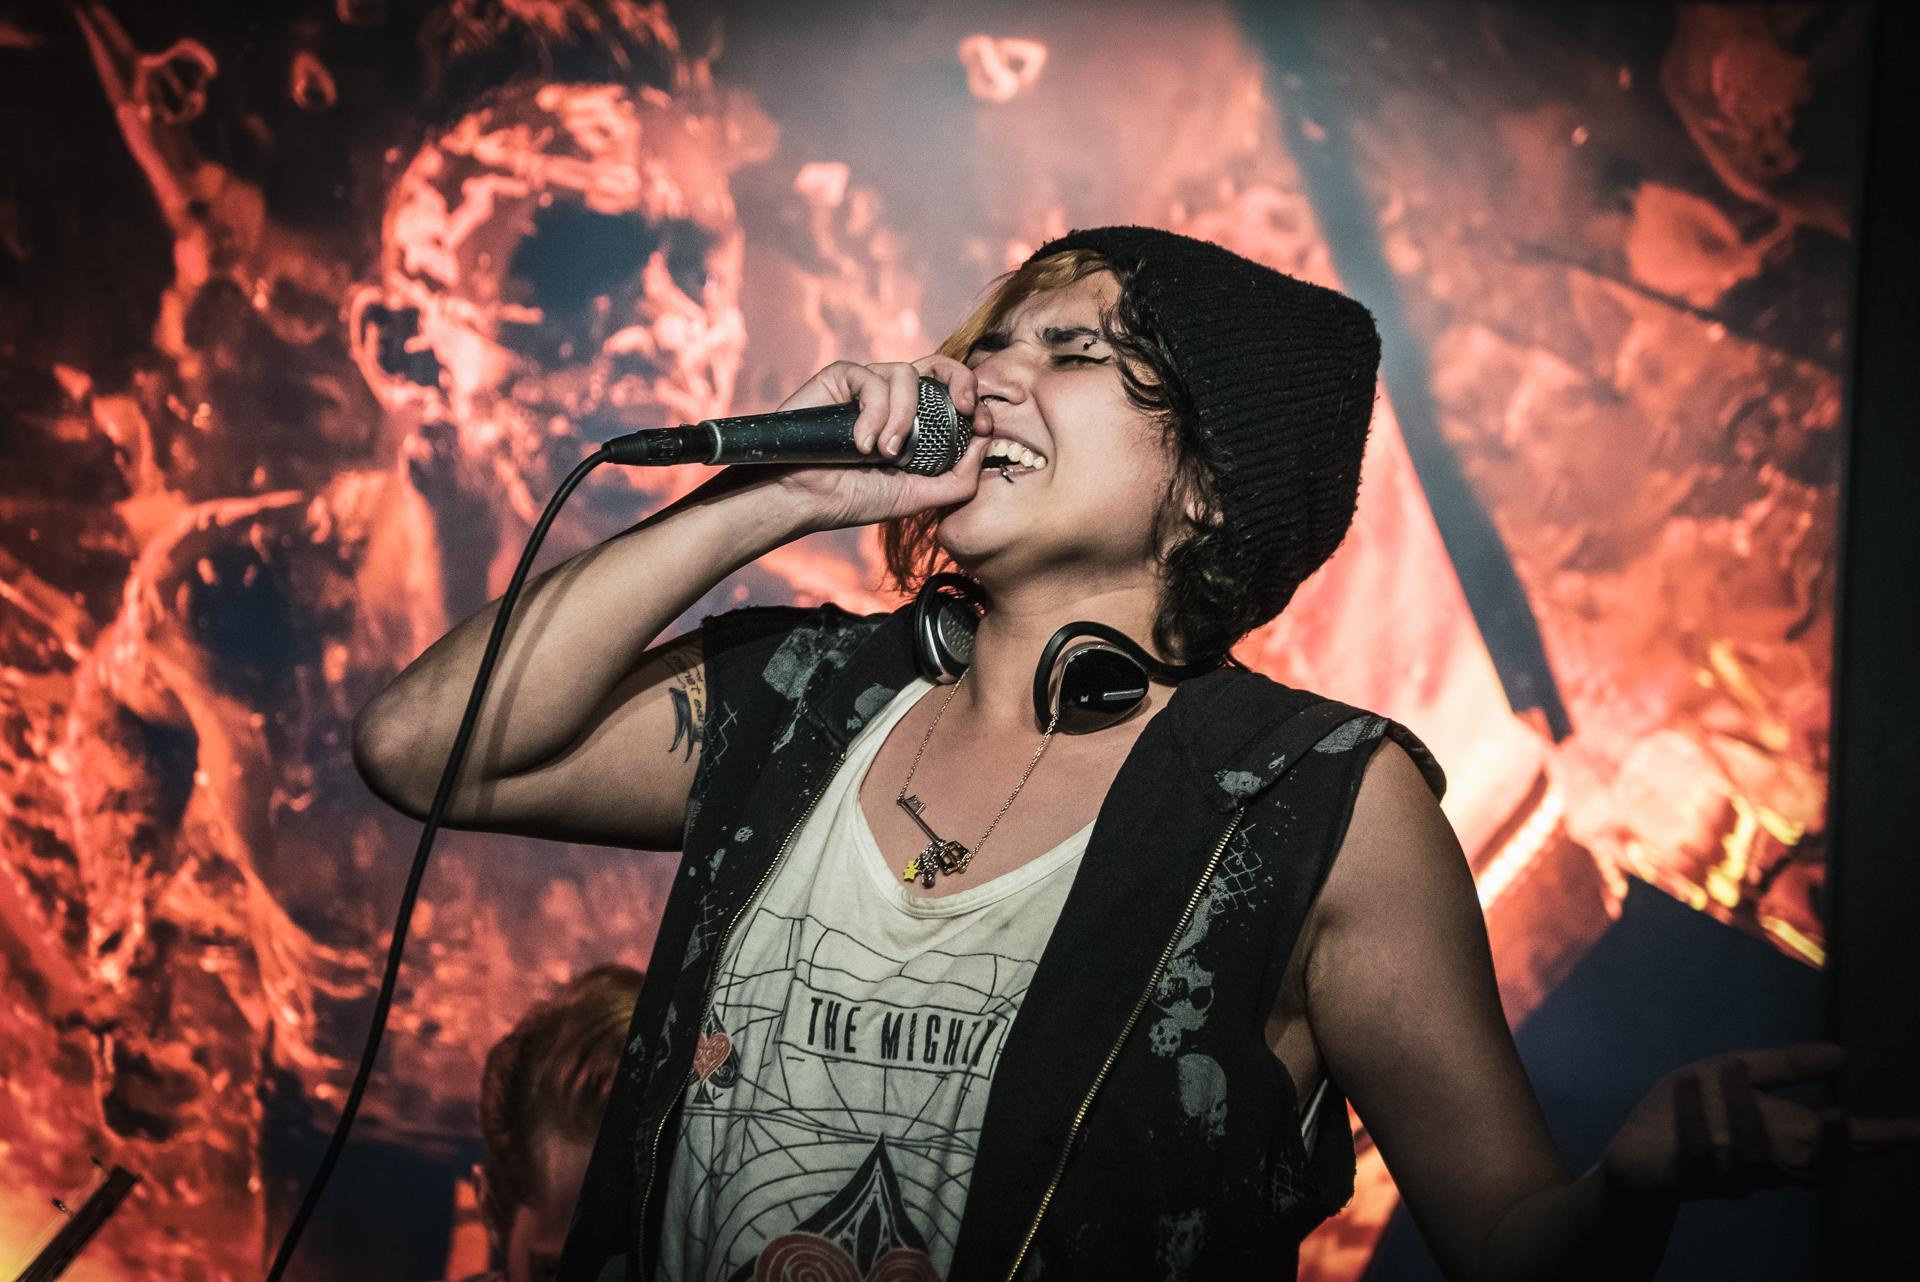 Alexa Solorzano, March '17